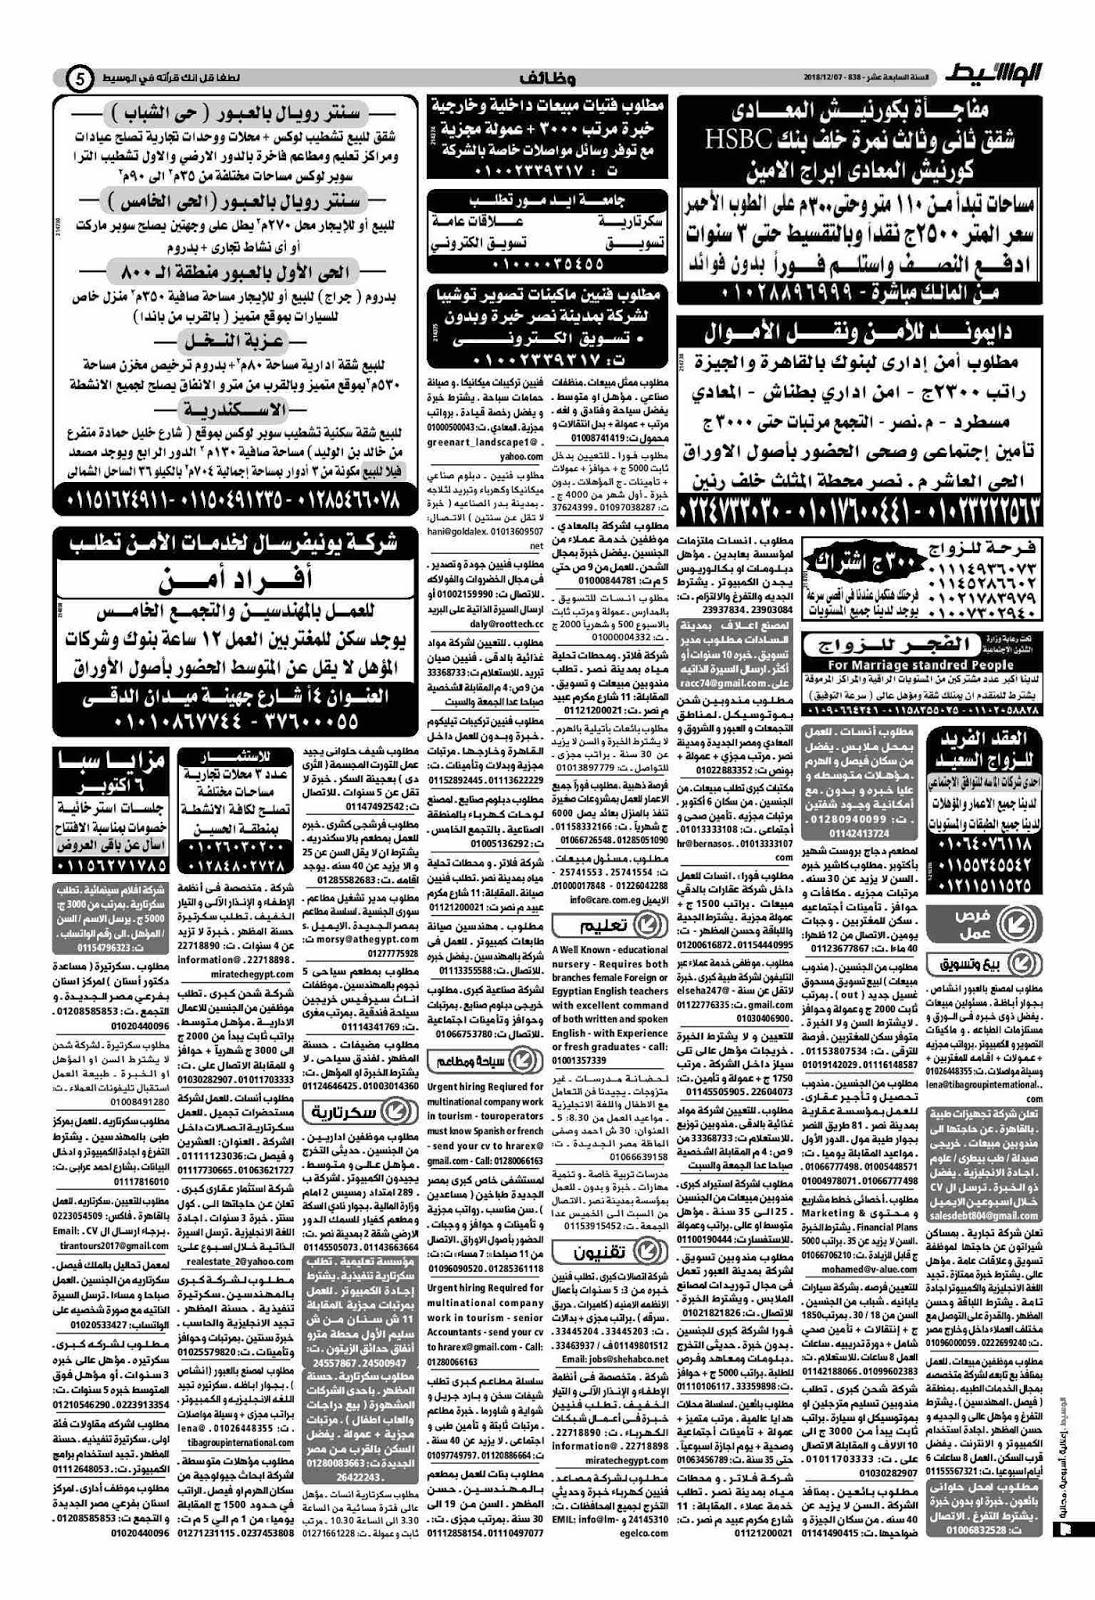 وظائف جريدة الوسيط